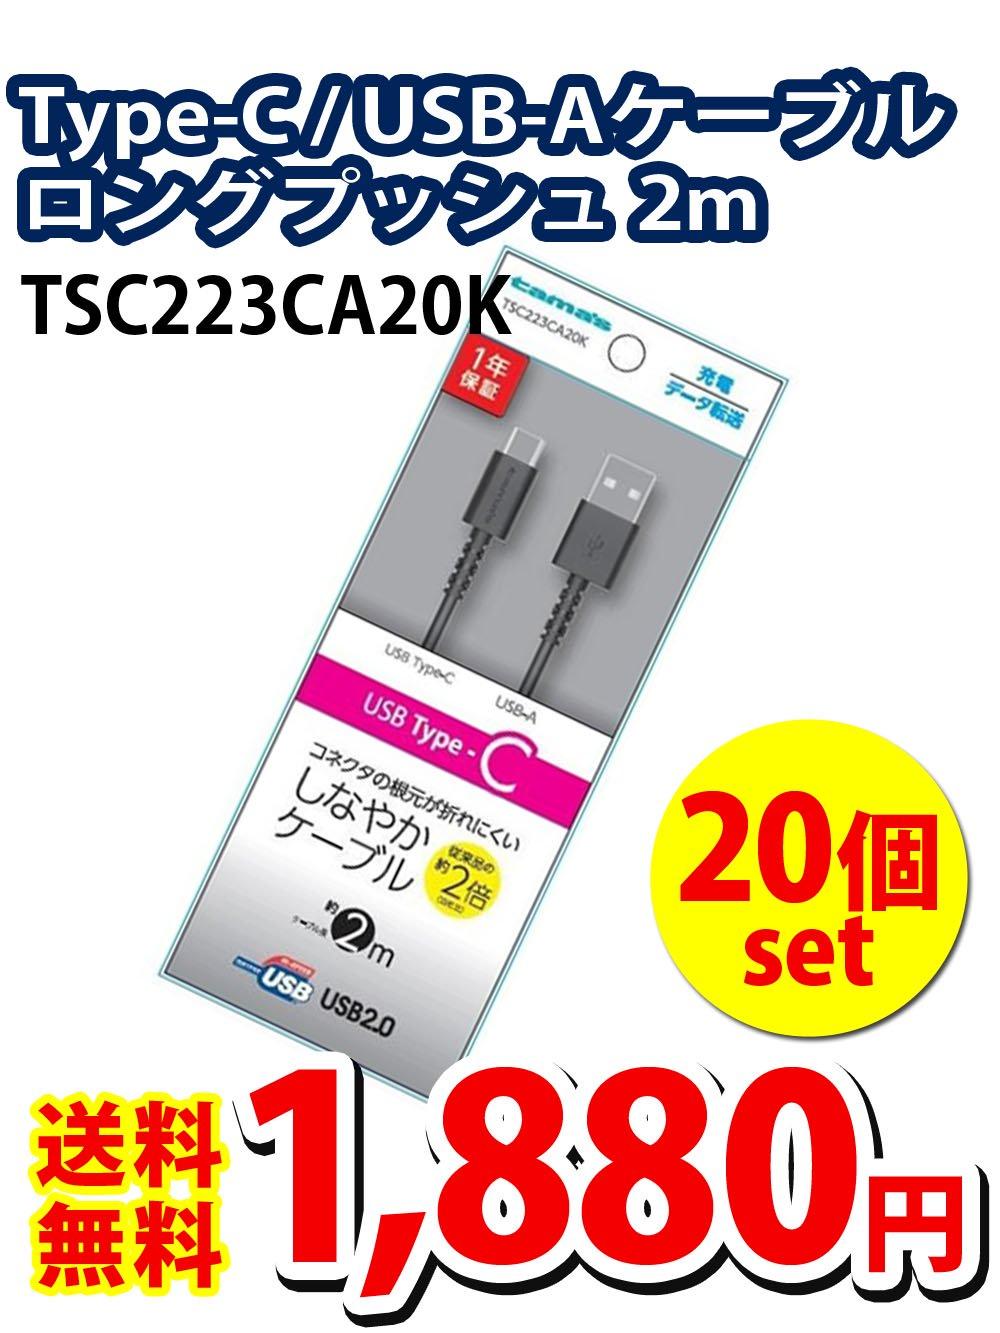 【送料無料】TTSC223CA20K C-USBA 2M BK【20個セット】1880円